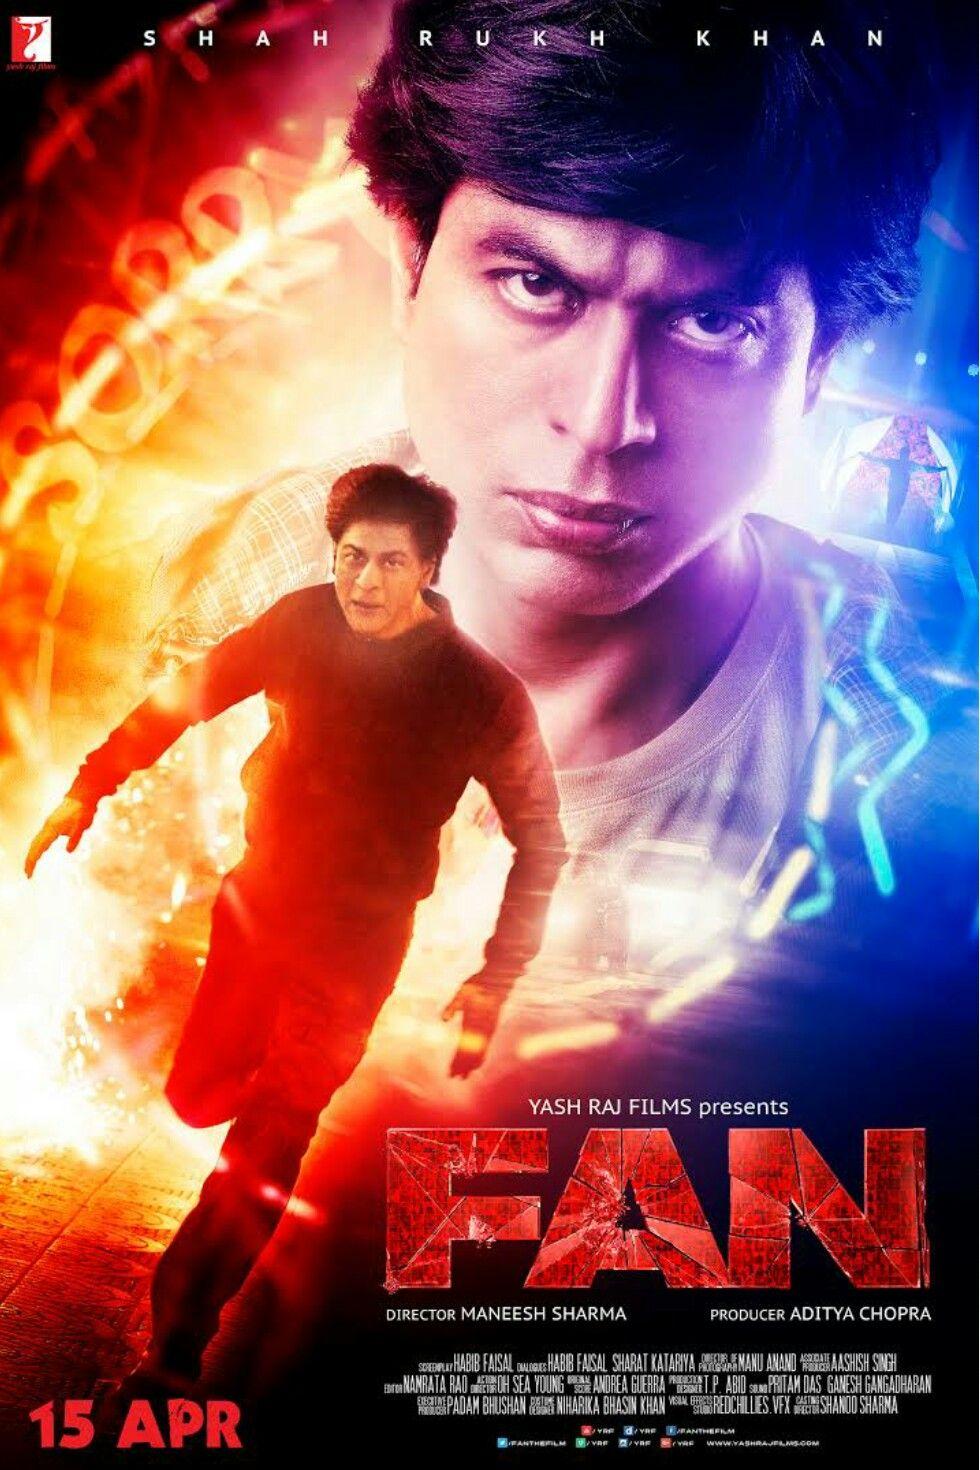 Fan. 2016 Indian psychological thriller/ action film. in